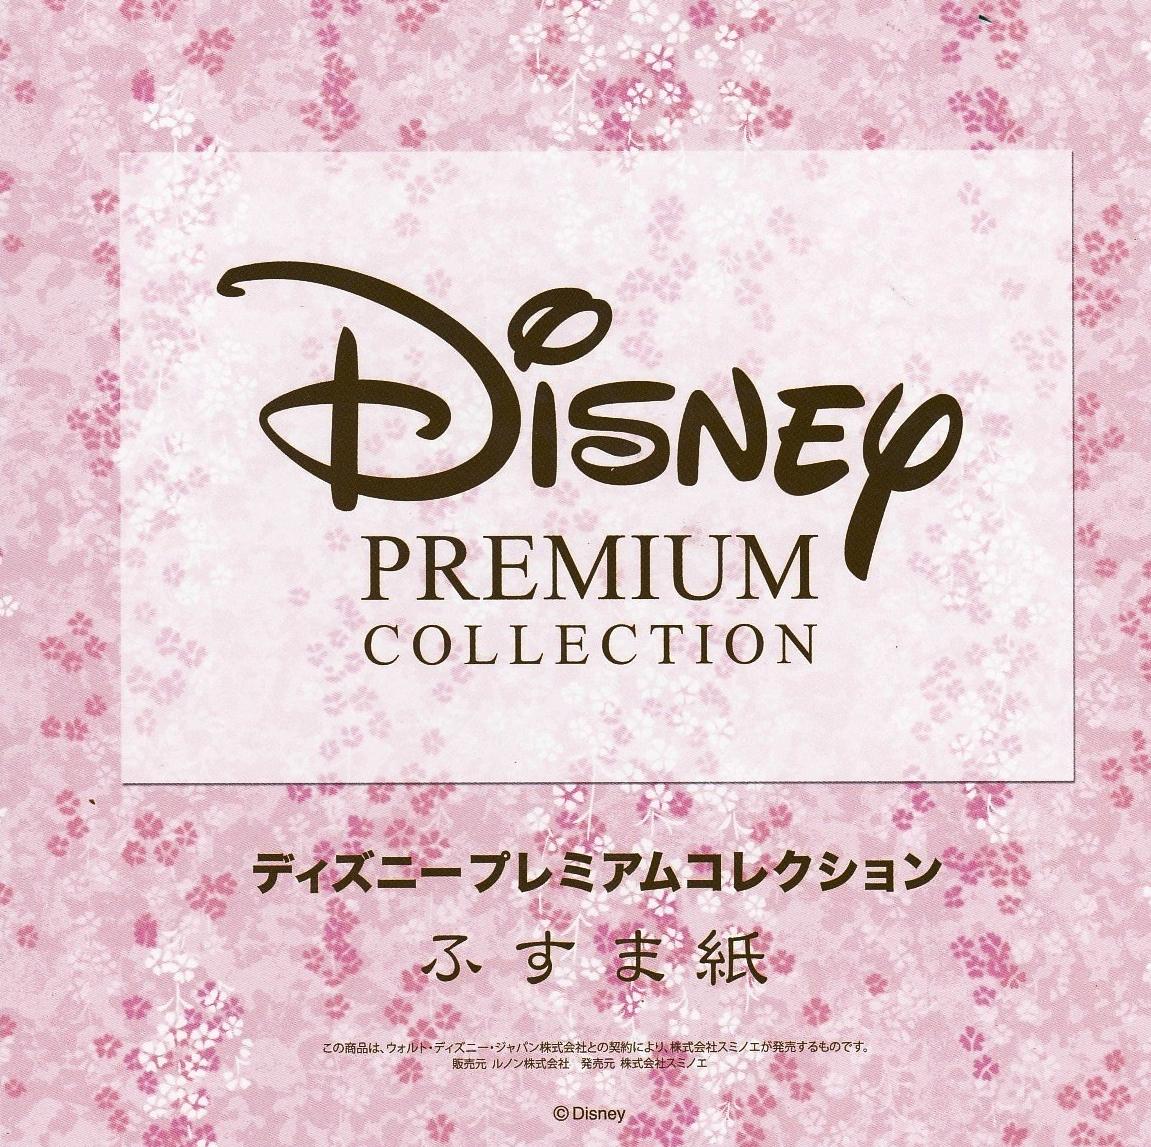 楽天市場 送料無料 ミッキーとミニーのふすま紙751 ディズニー